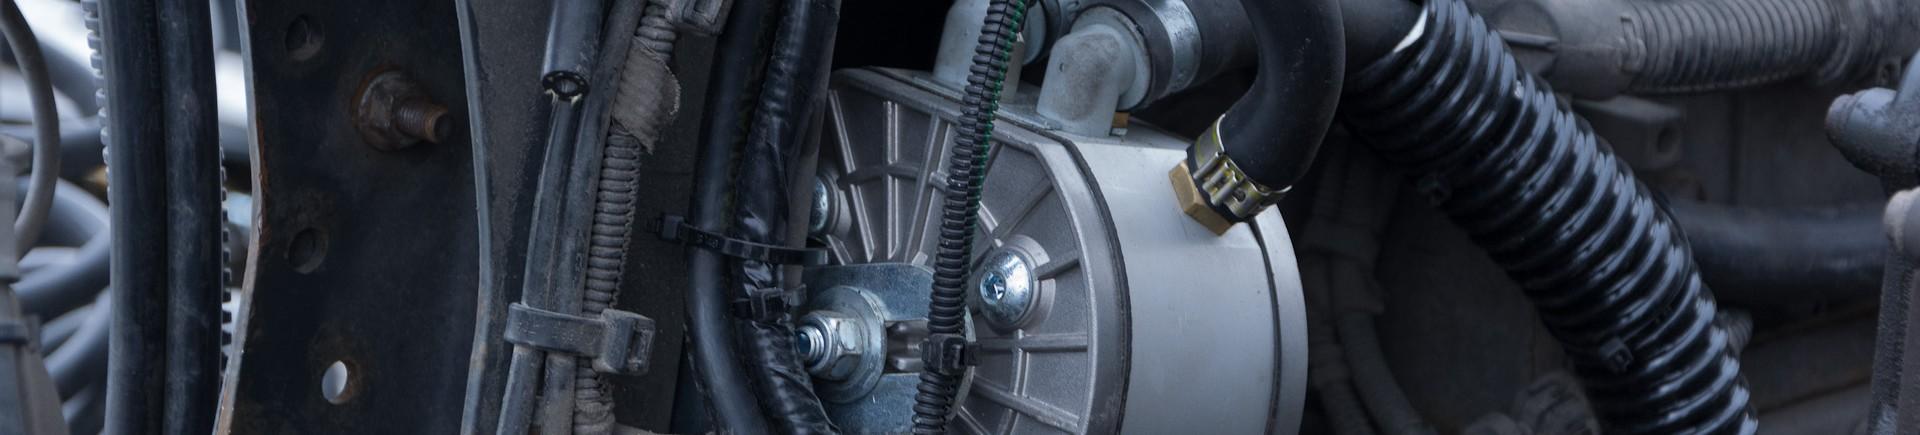 Ako prebieha montáž plynu do naftového vozidla?